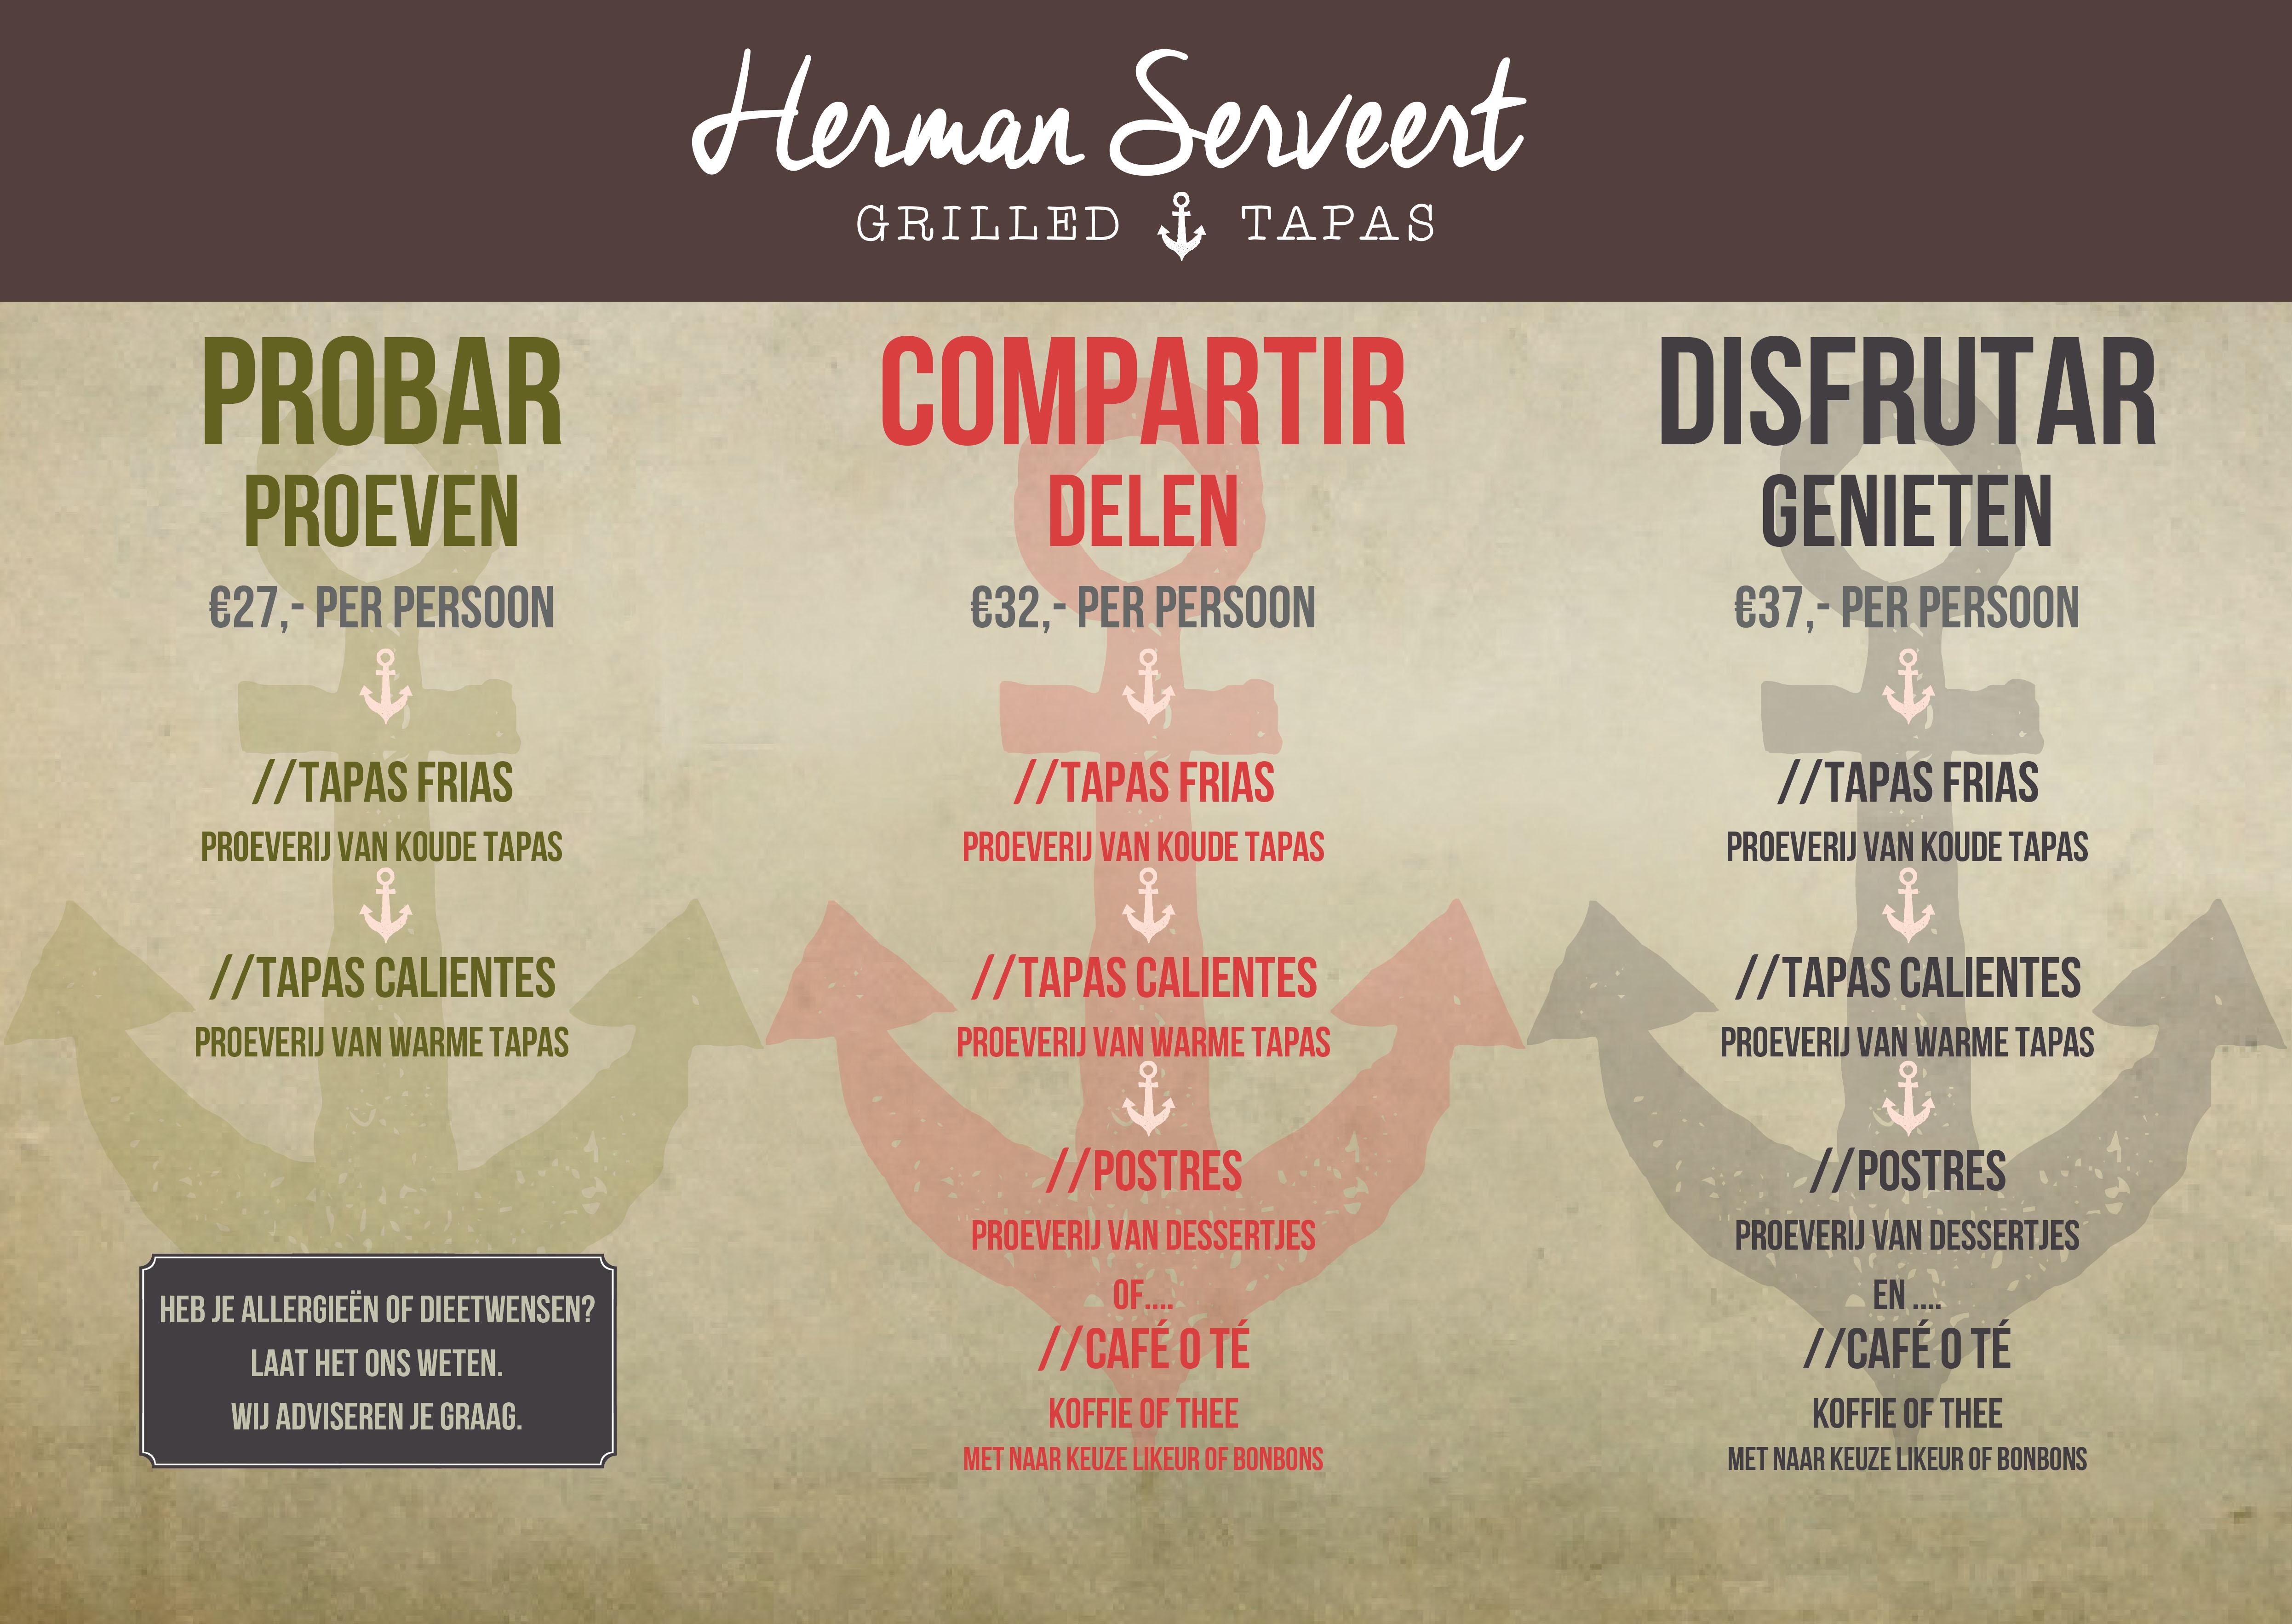 menukaart voorkant 2017 Herman Serveert juli